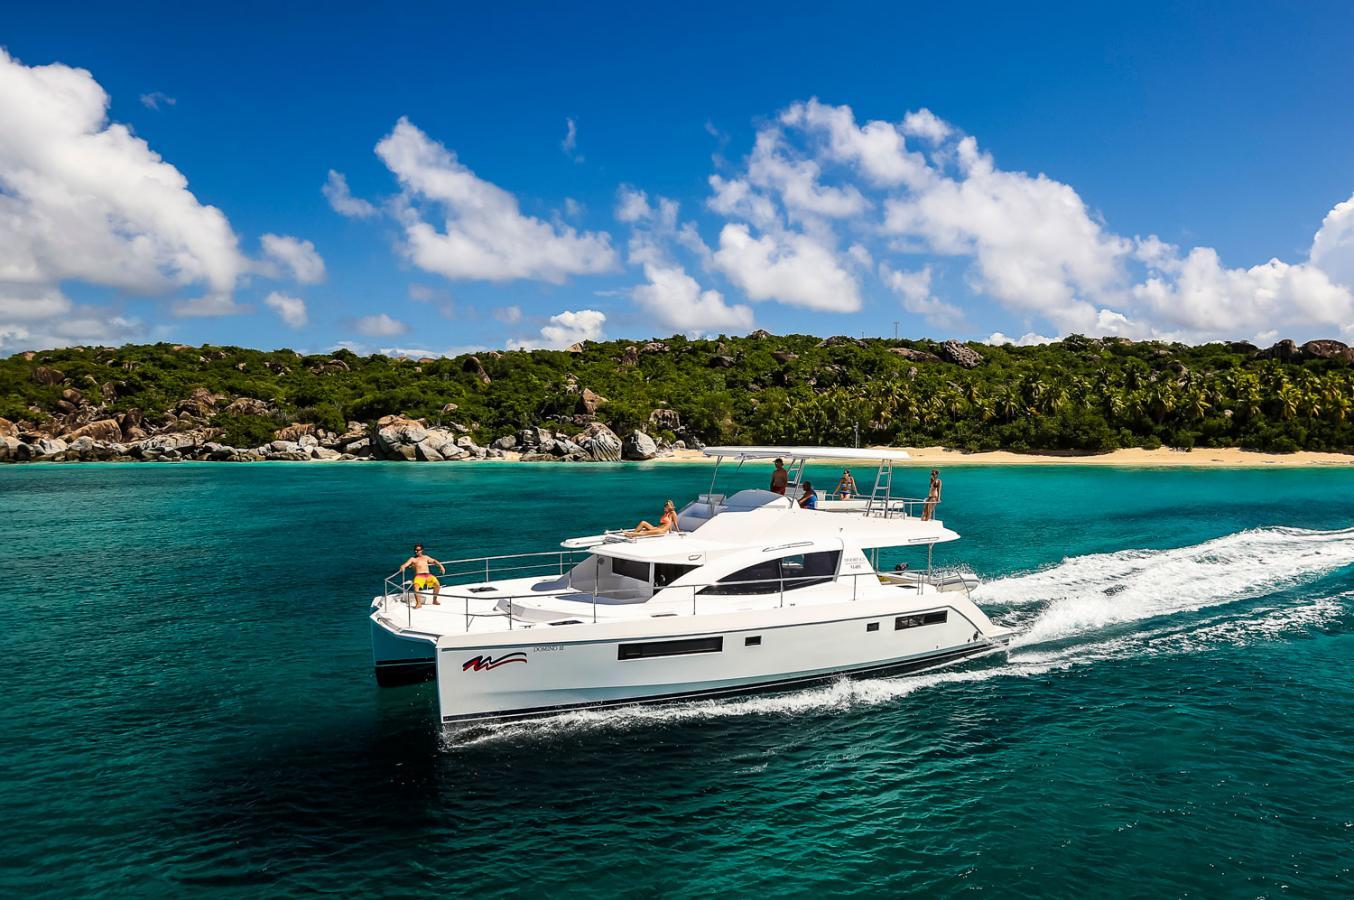 Moorings 514PC catamaran à moteur